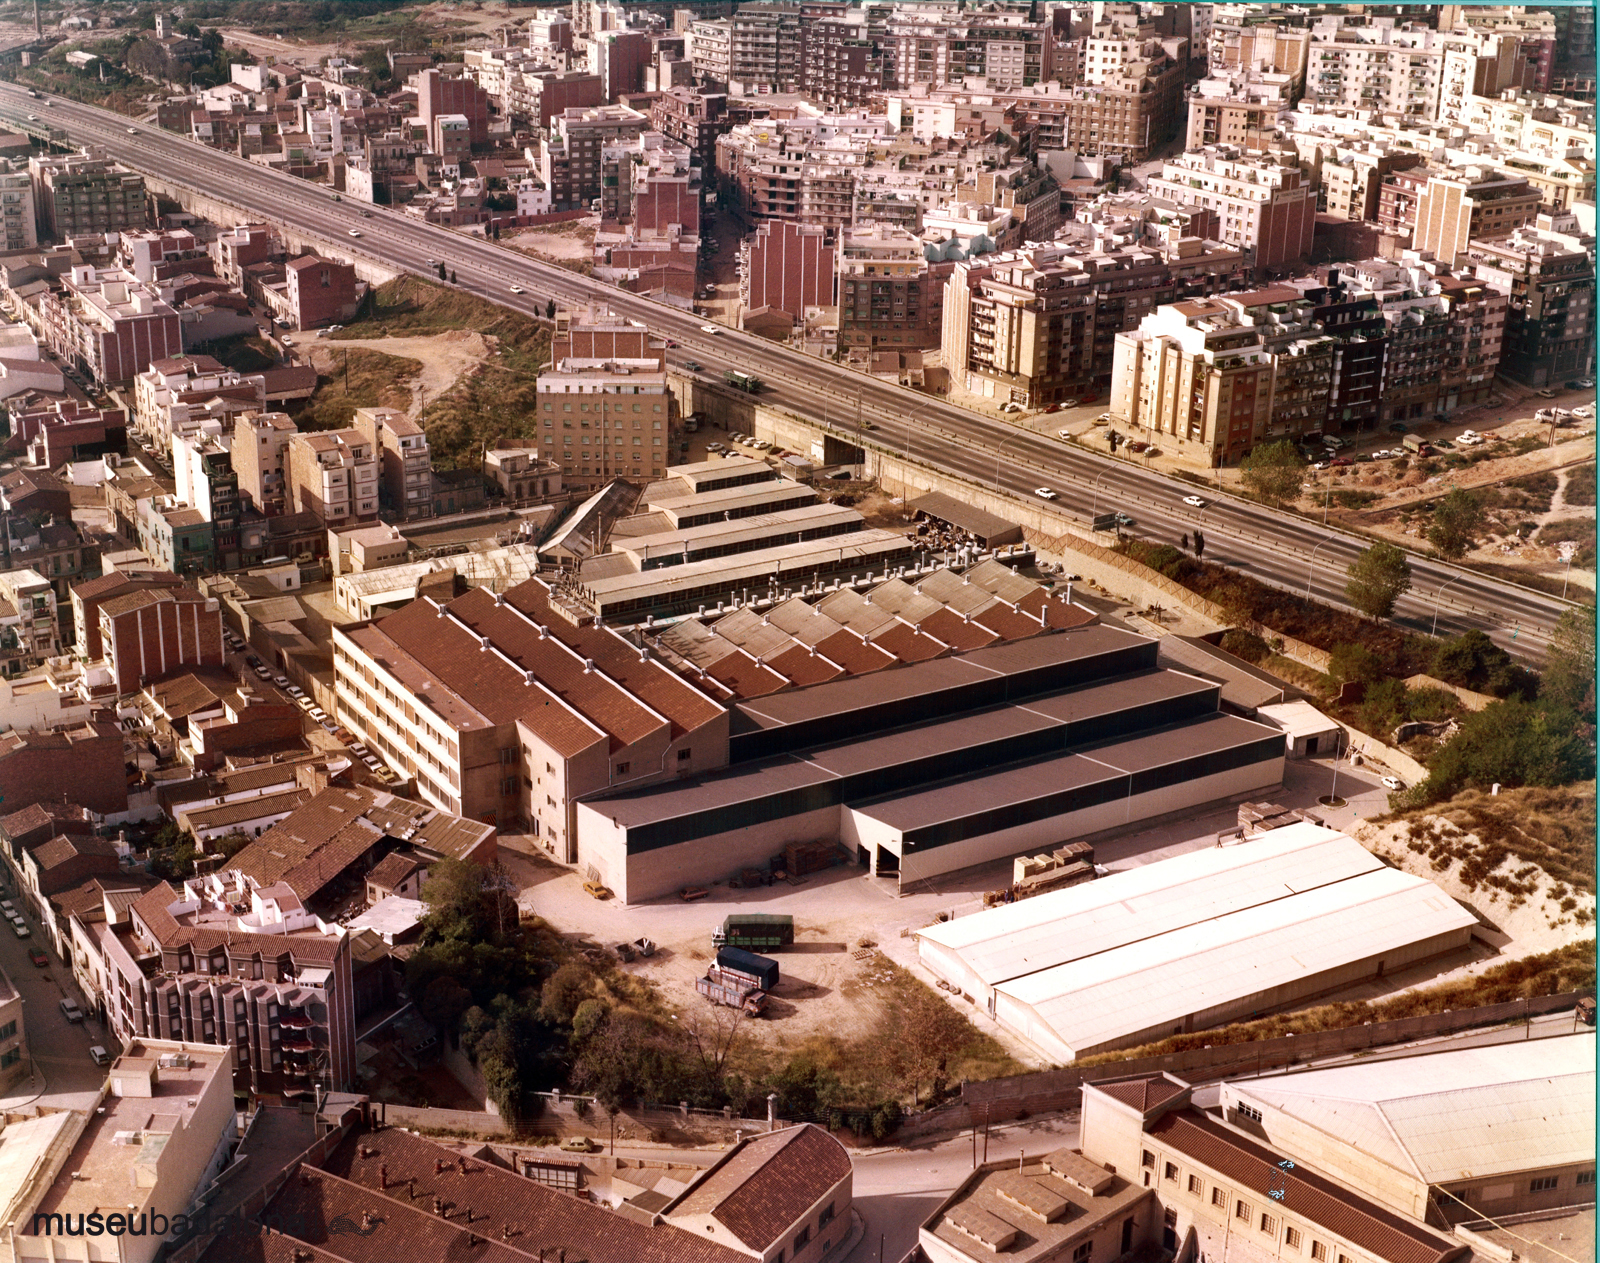 Fàbriques i indústries a Badalona